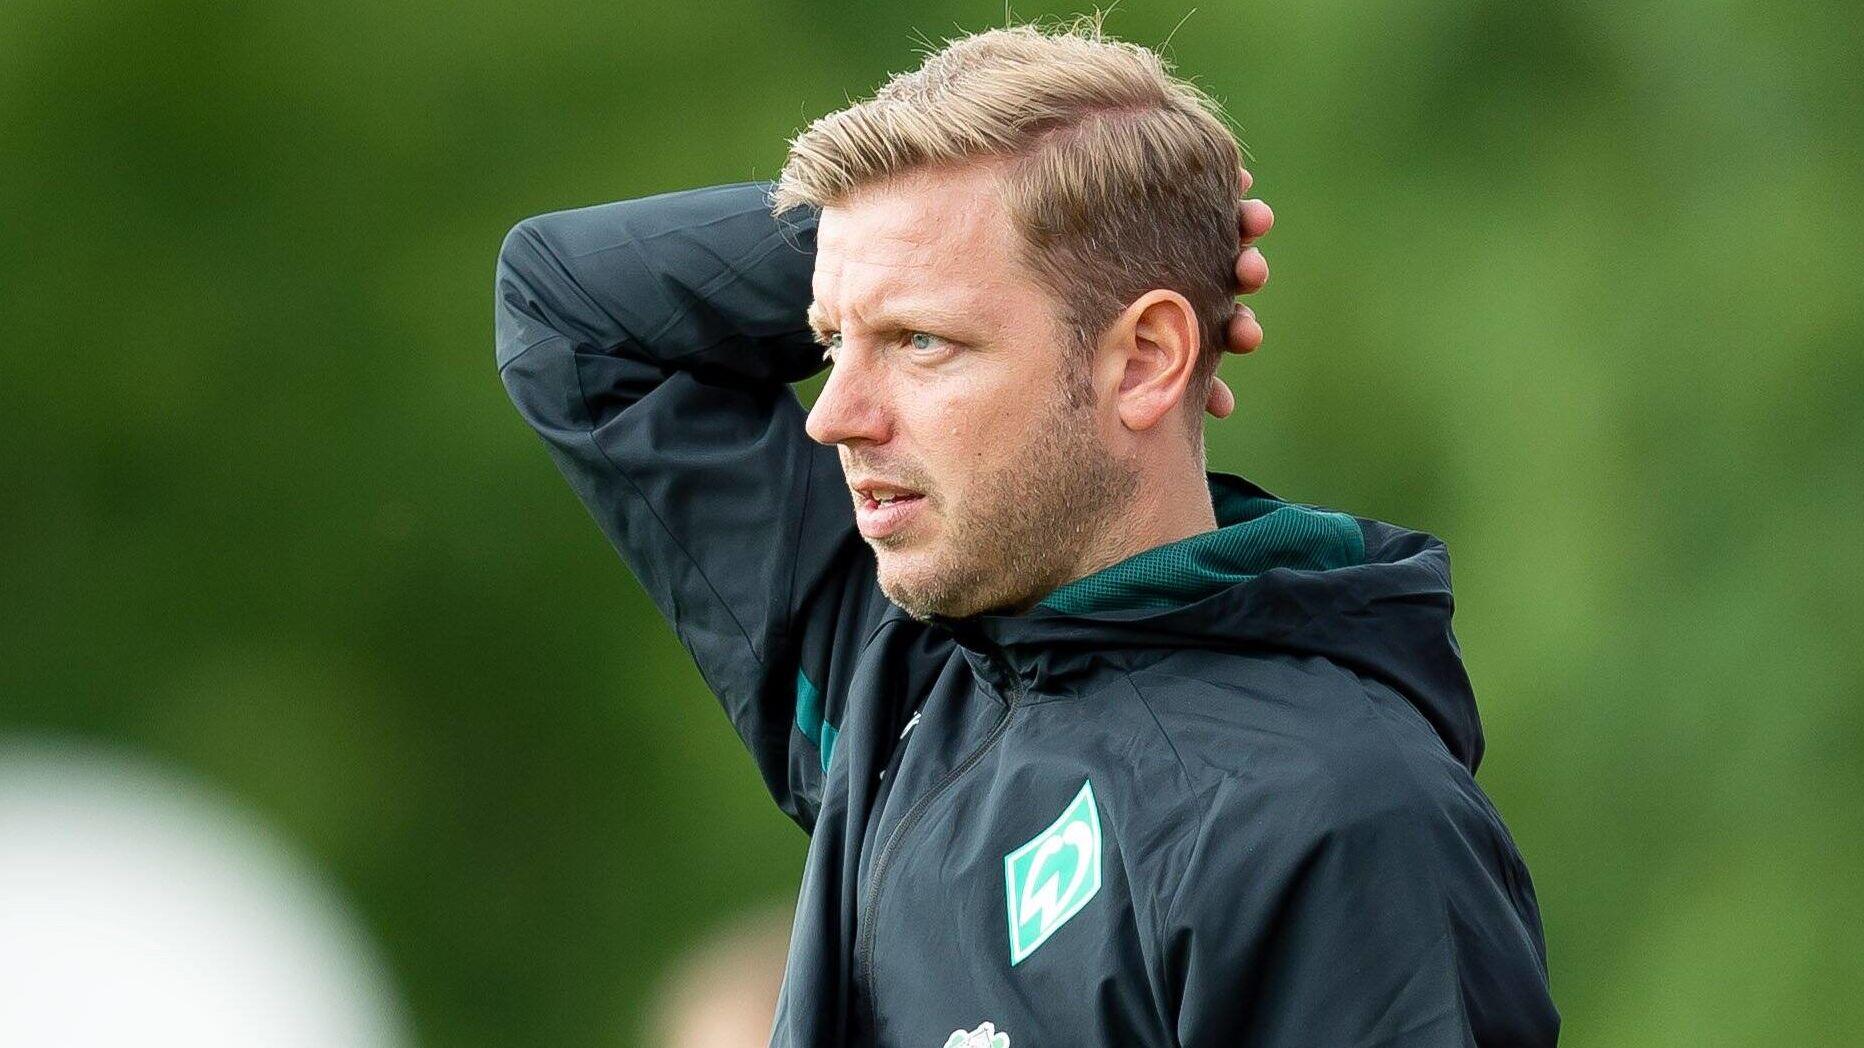 """Kohfeldts Sorge: """"Jetzt darf nicht mehr viel passieren""""   Bundesliga - kicker"""